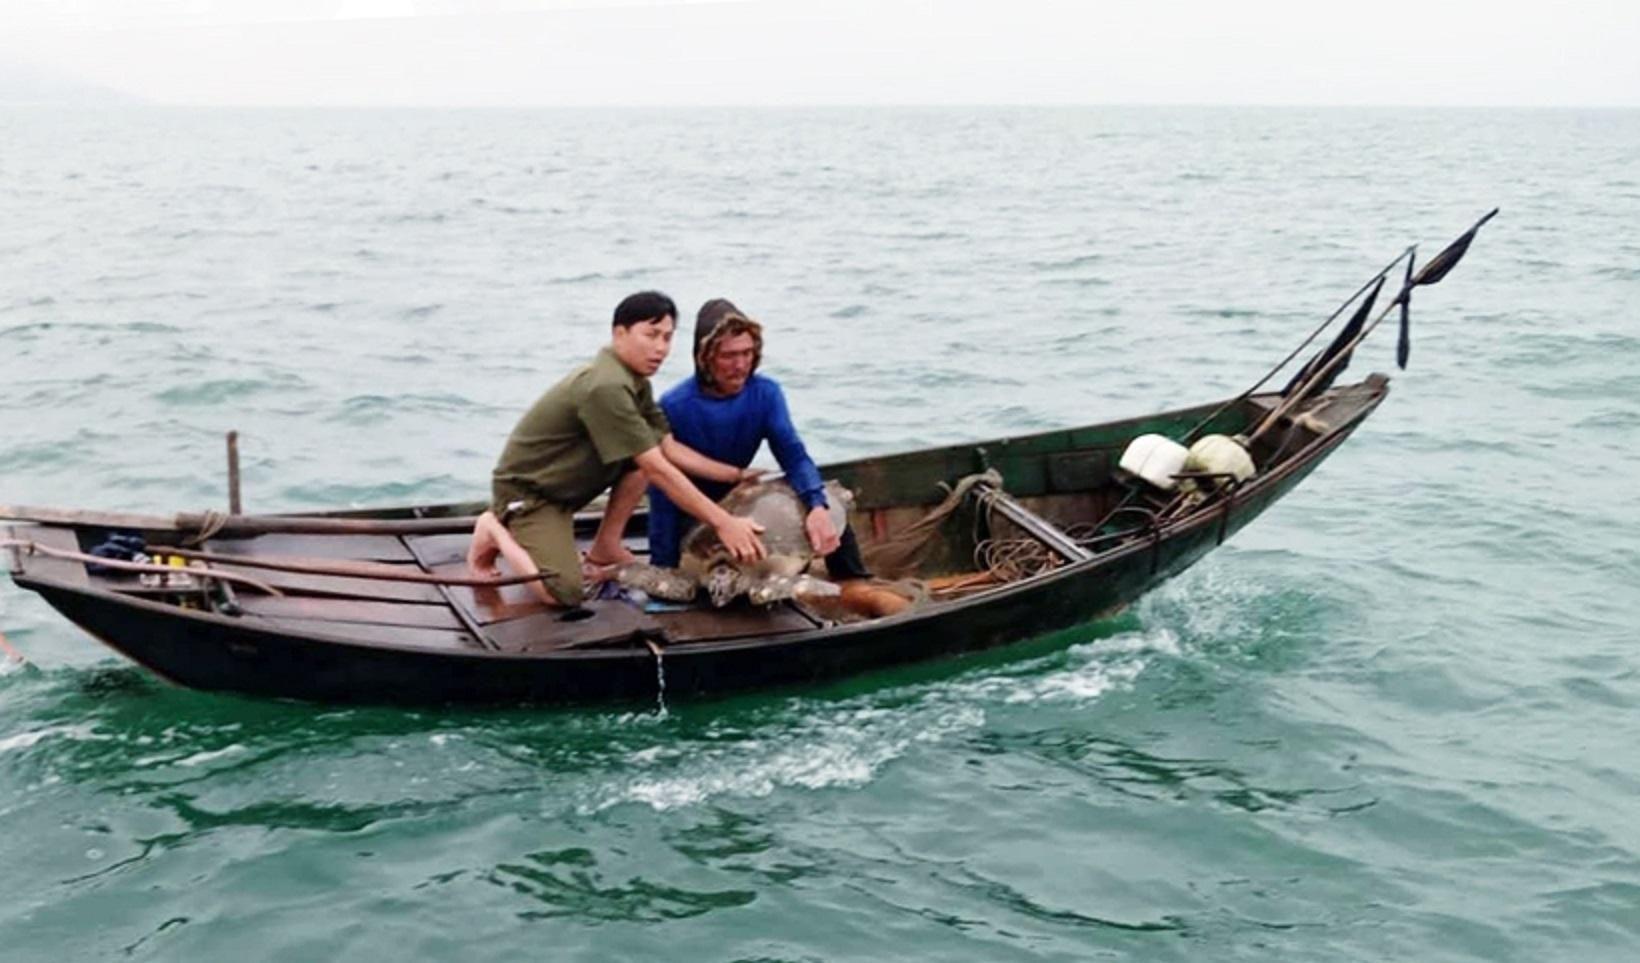 Hà Tĩnh: Rùa biển nặng gần 40kg được thả về môi trường tự nhiên Ảnh 1